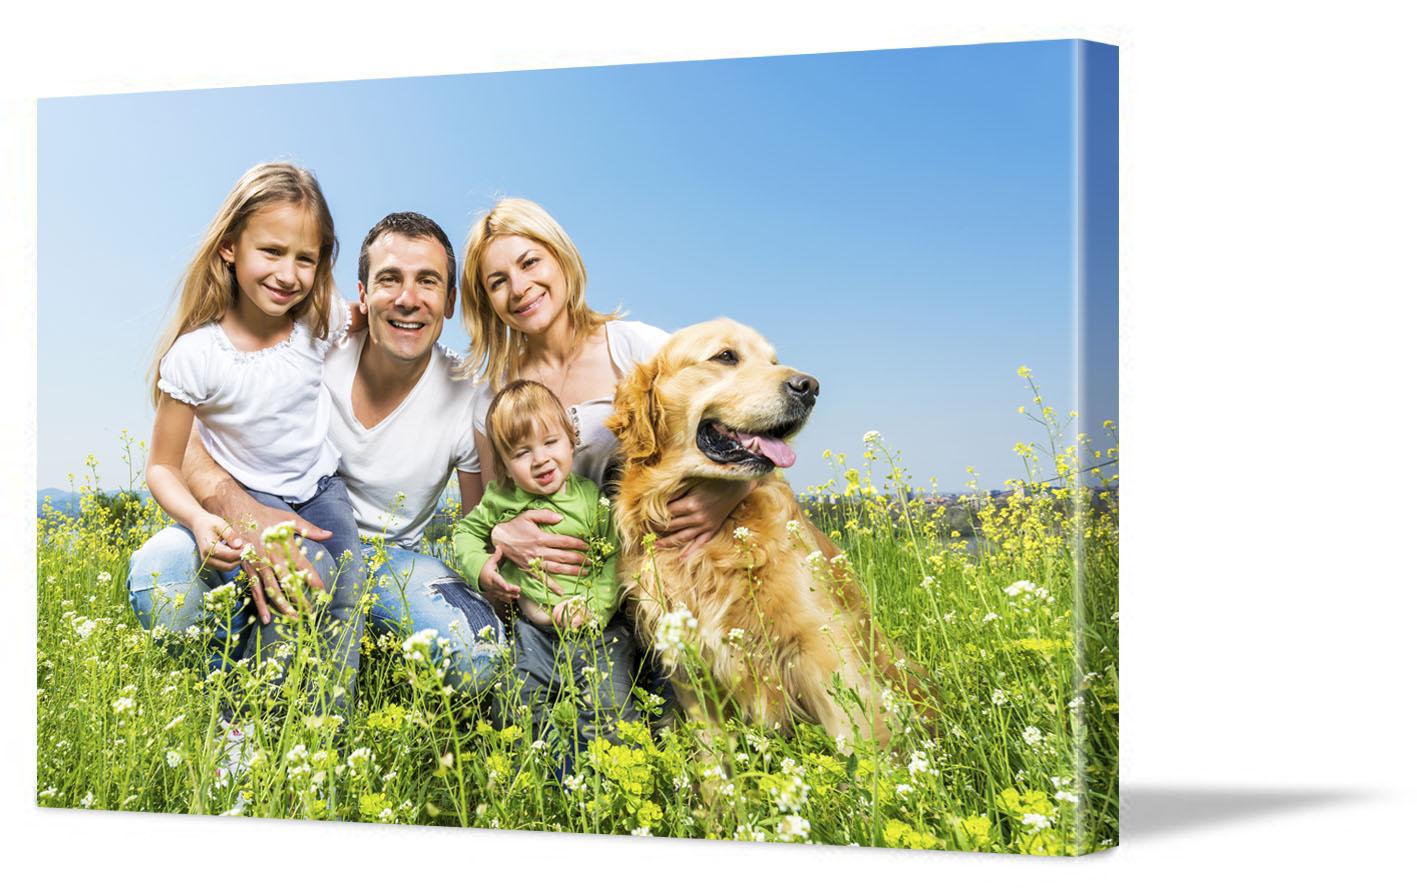 family-photos-on-canvas3